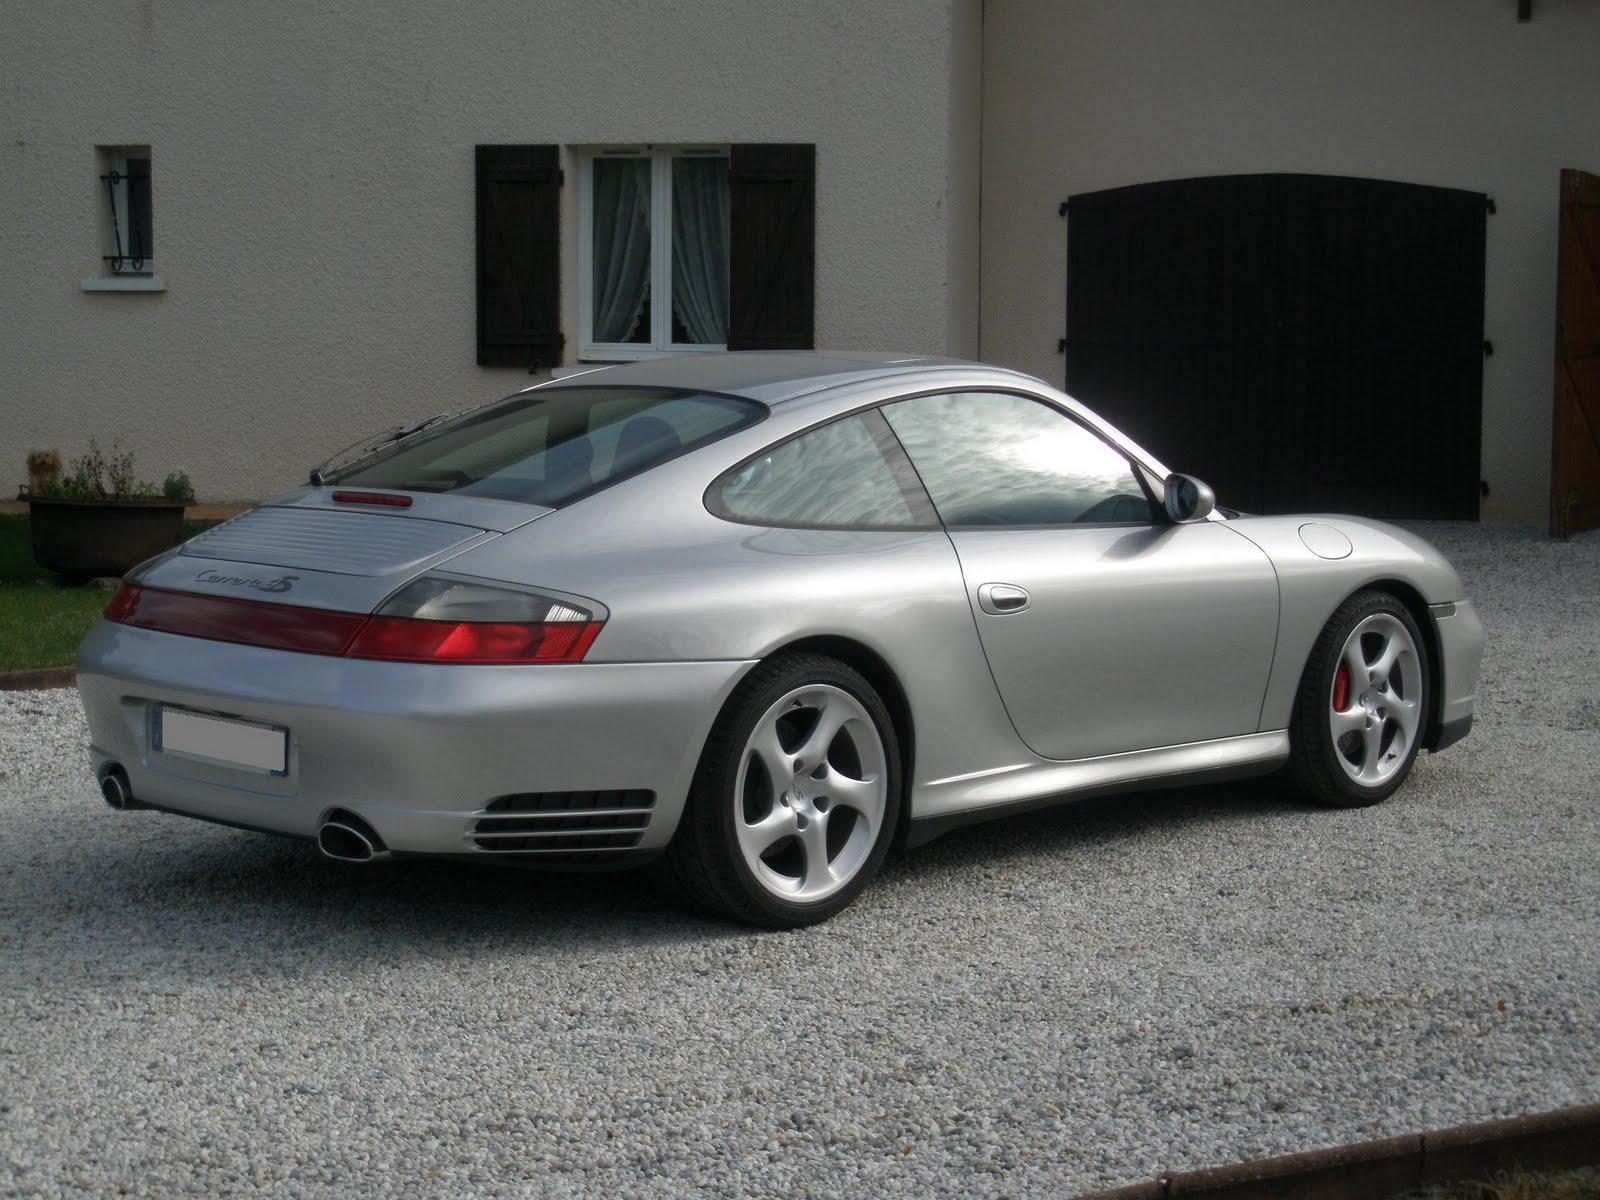 Autocoach d p t vente automobile paris porsche 996 4s 2004 for Porsche 996 interieur